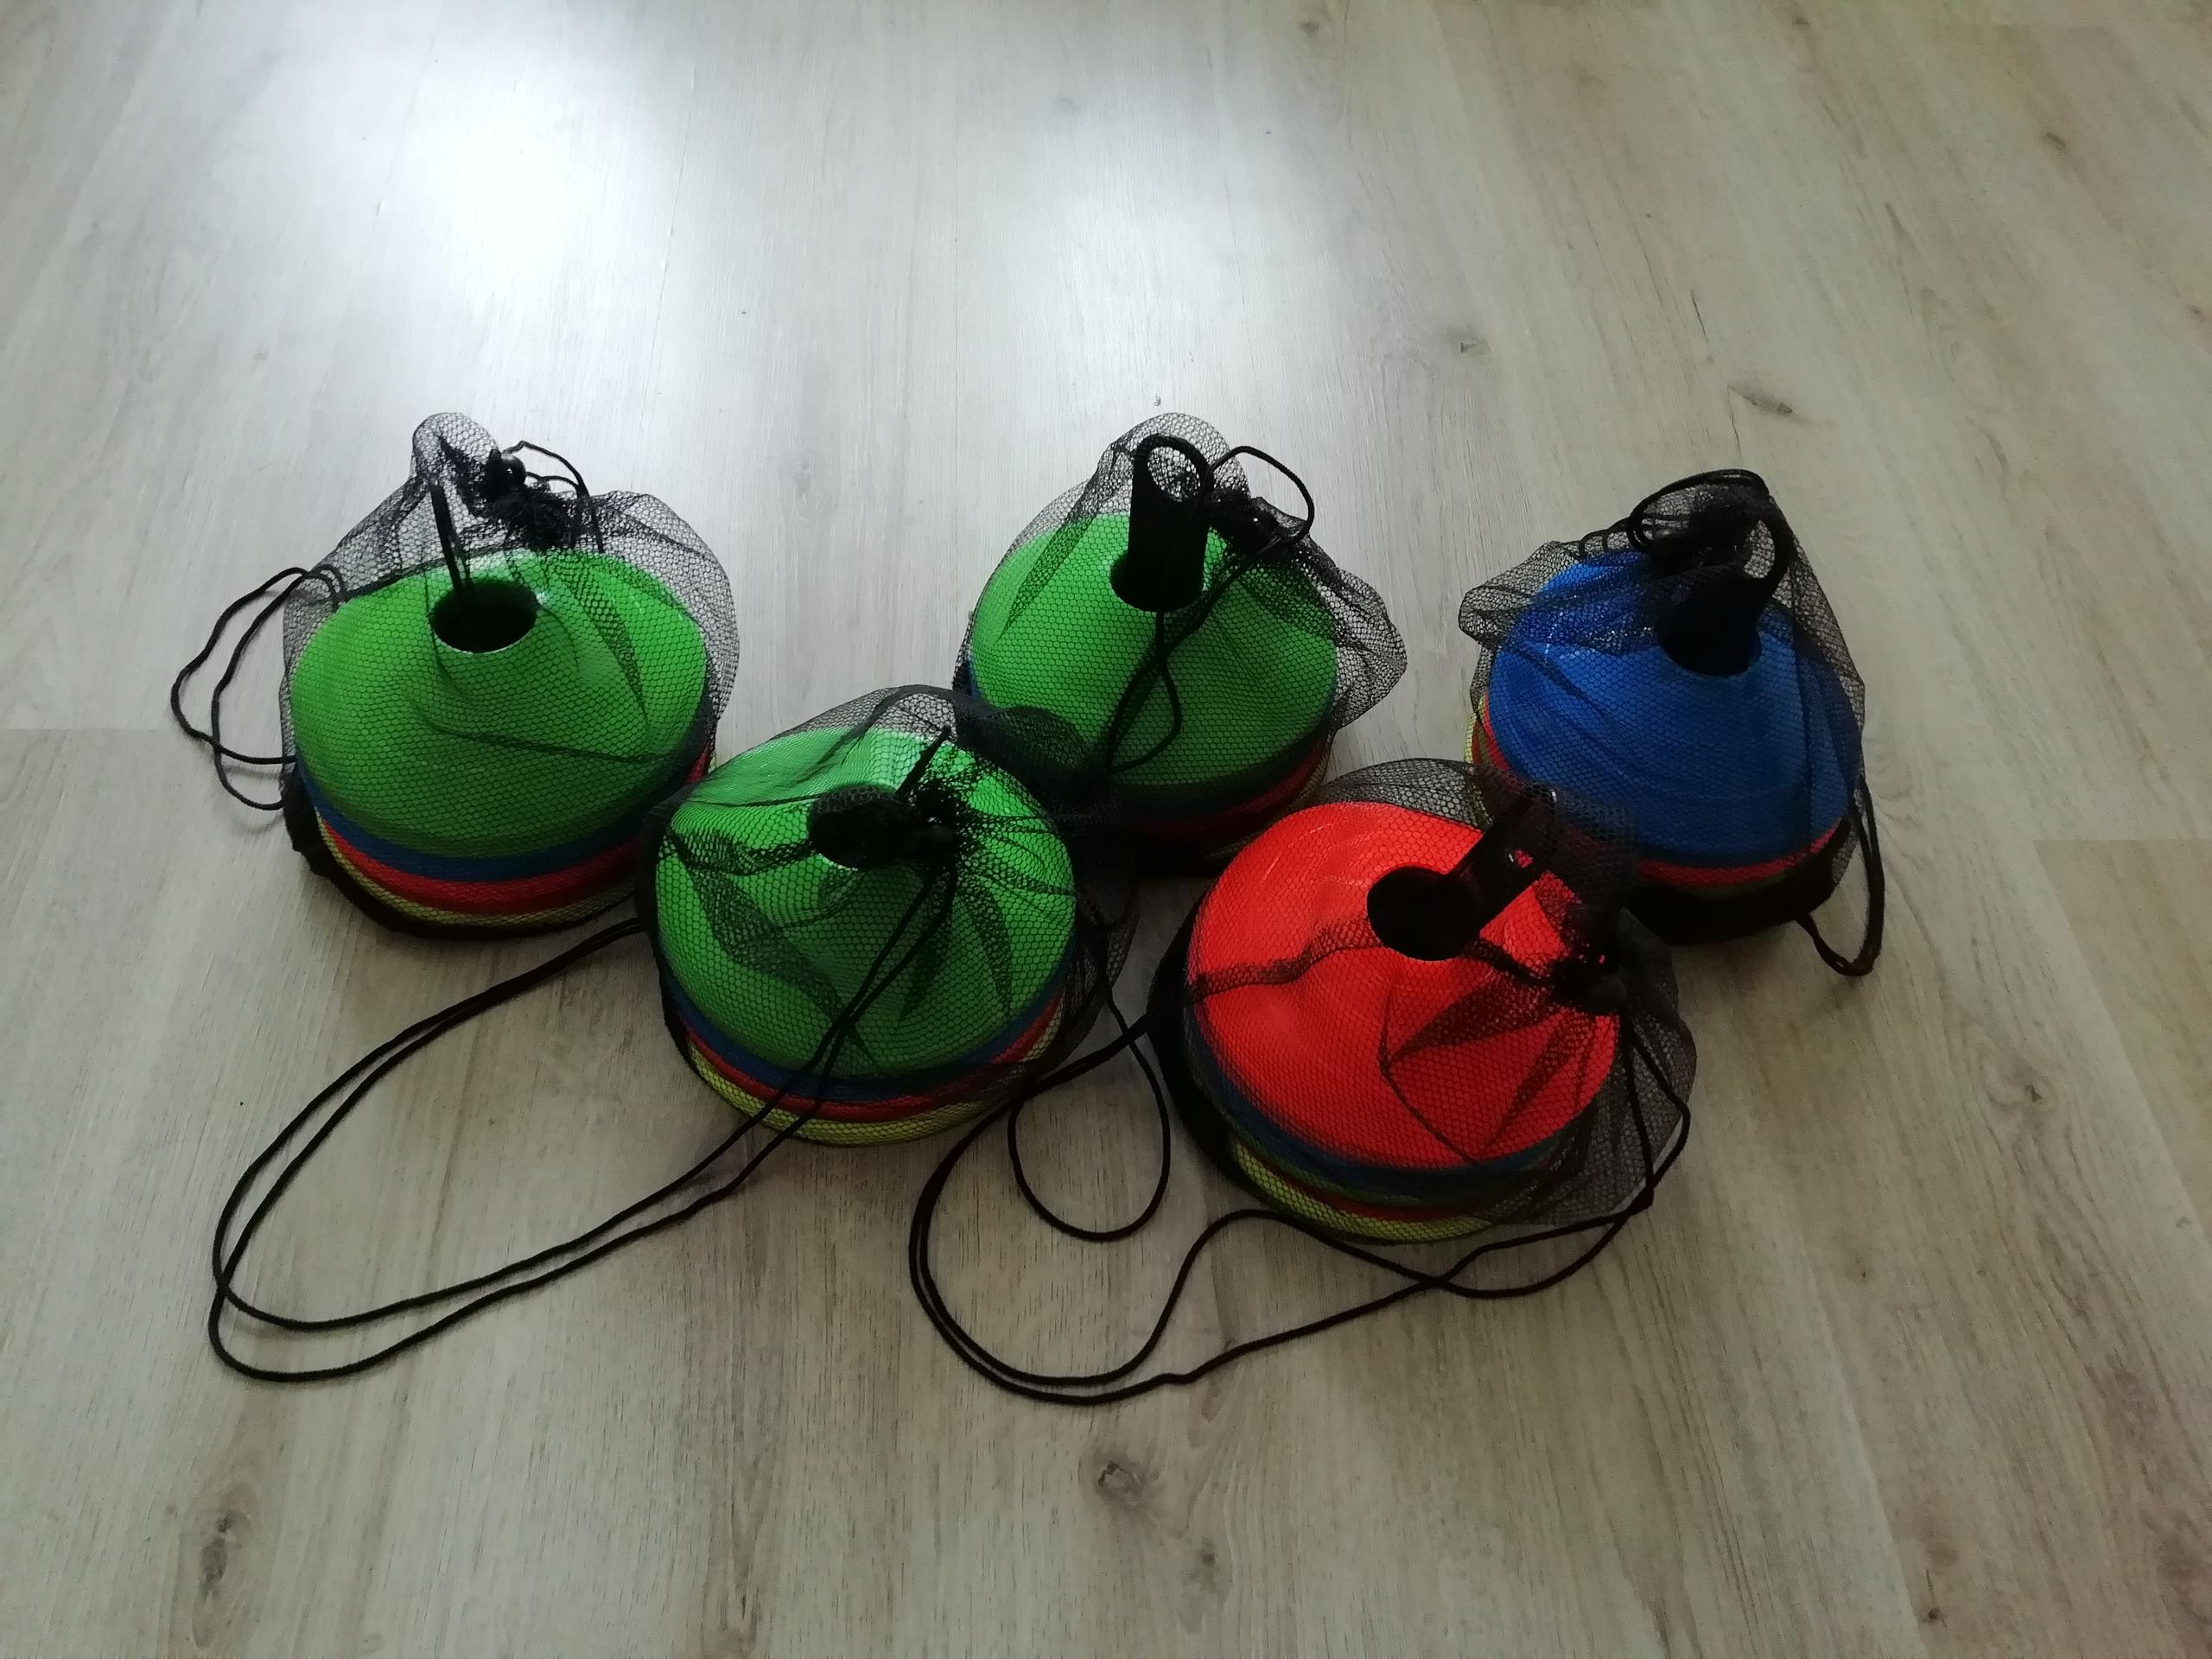 Профессиональный футбольный инвентарь, футбольное тренировочное оборудование